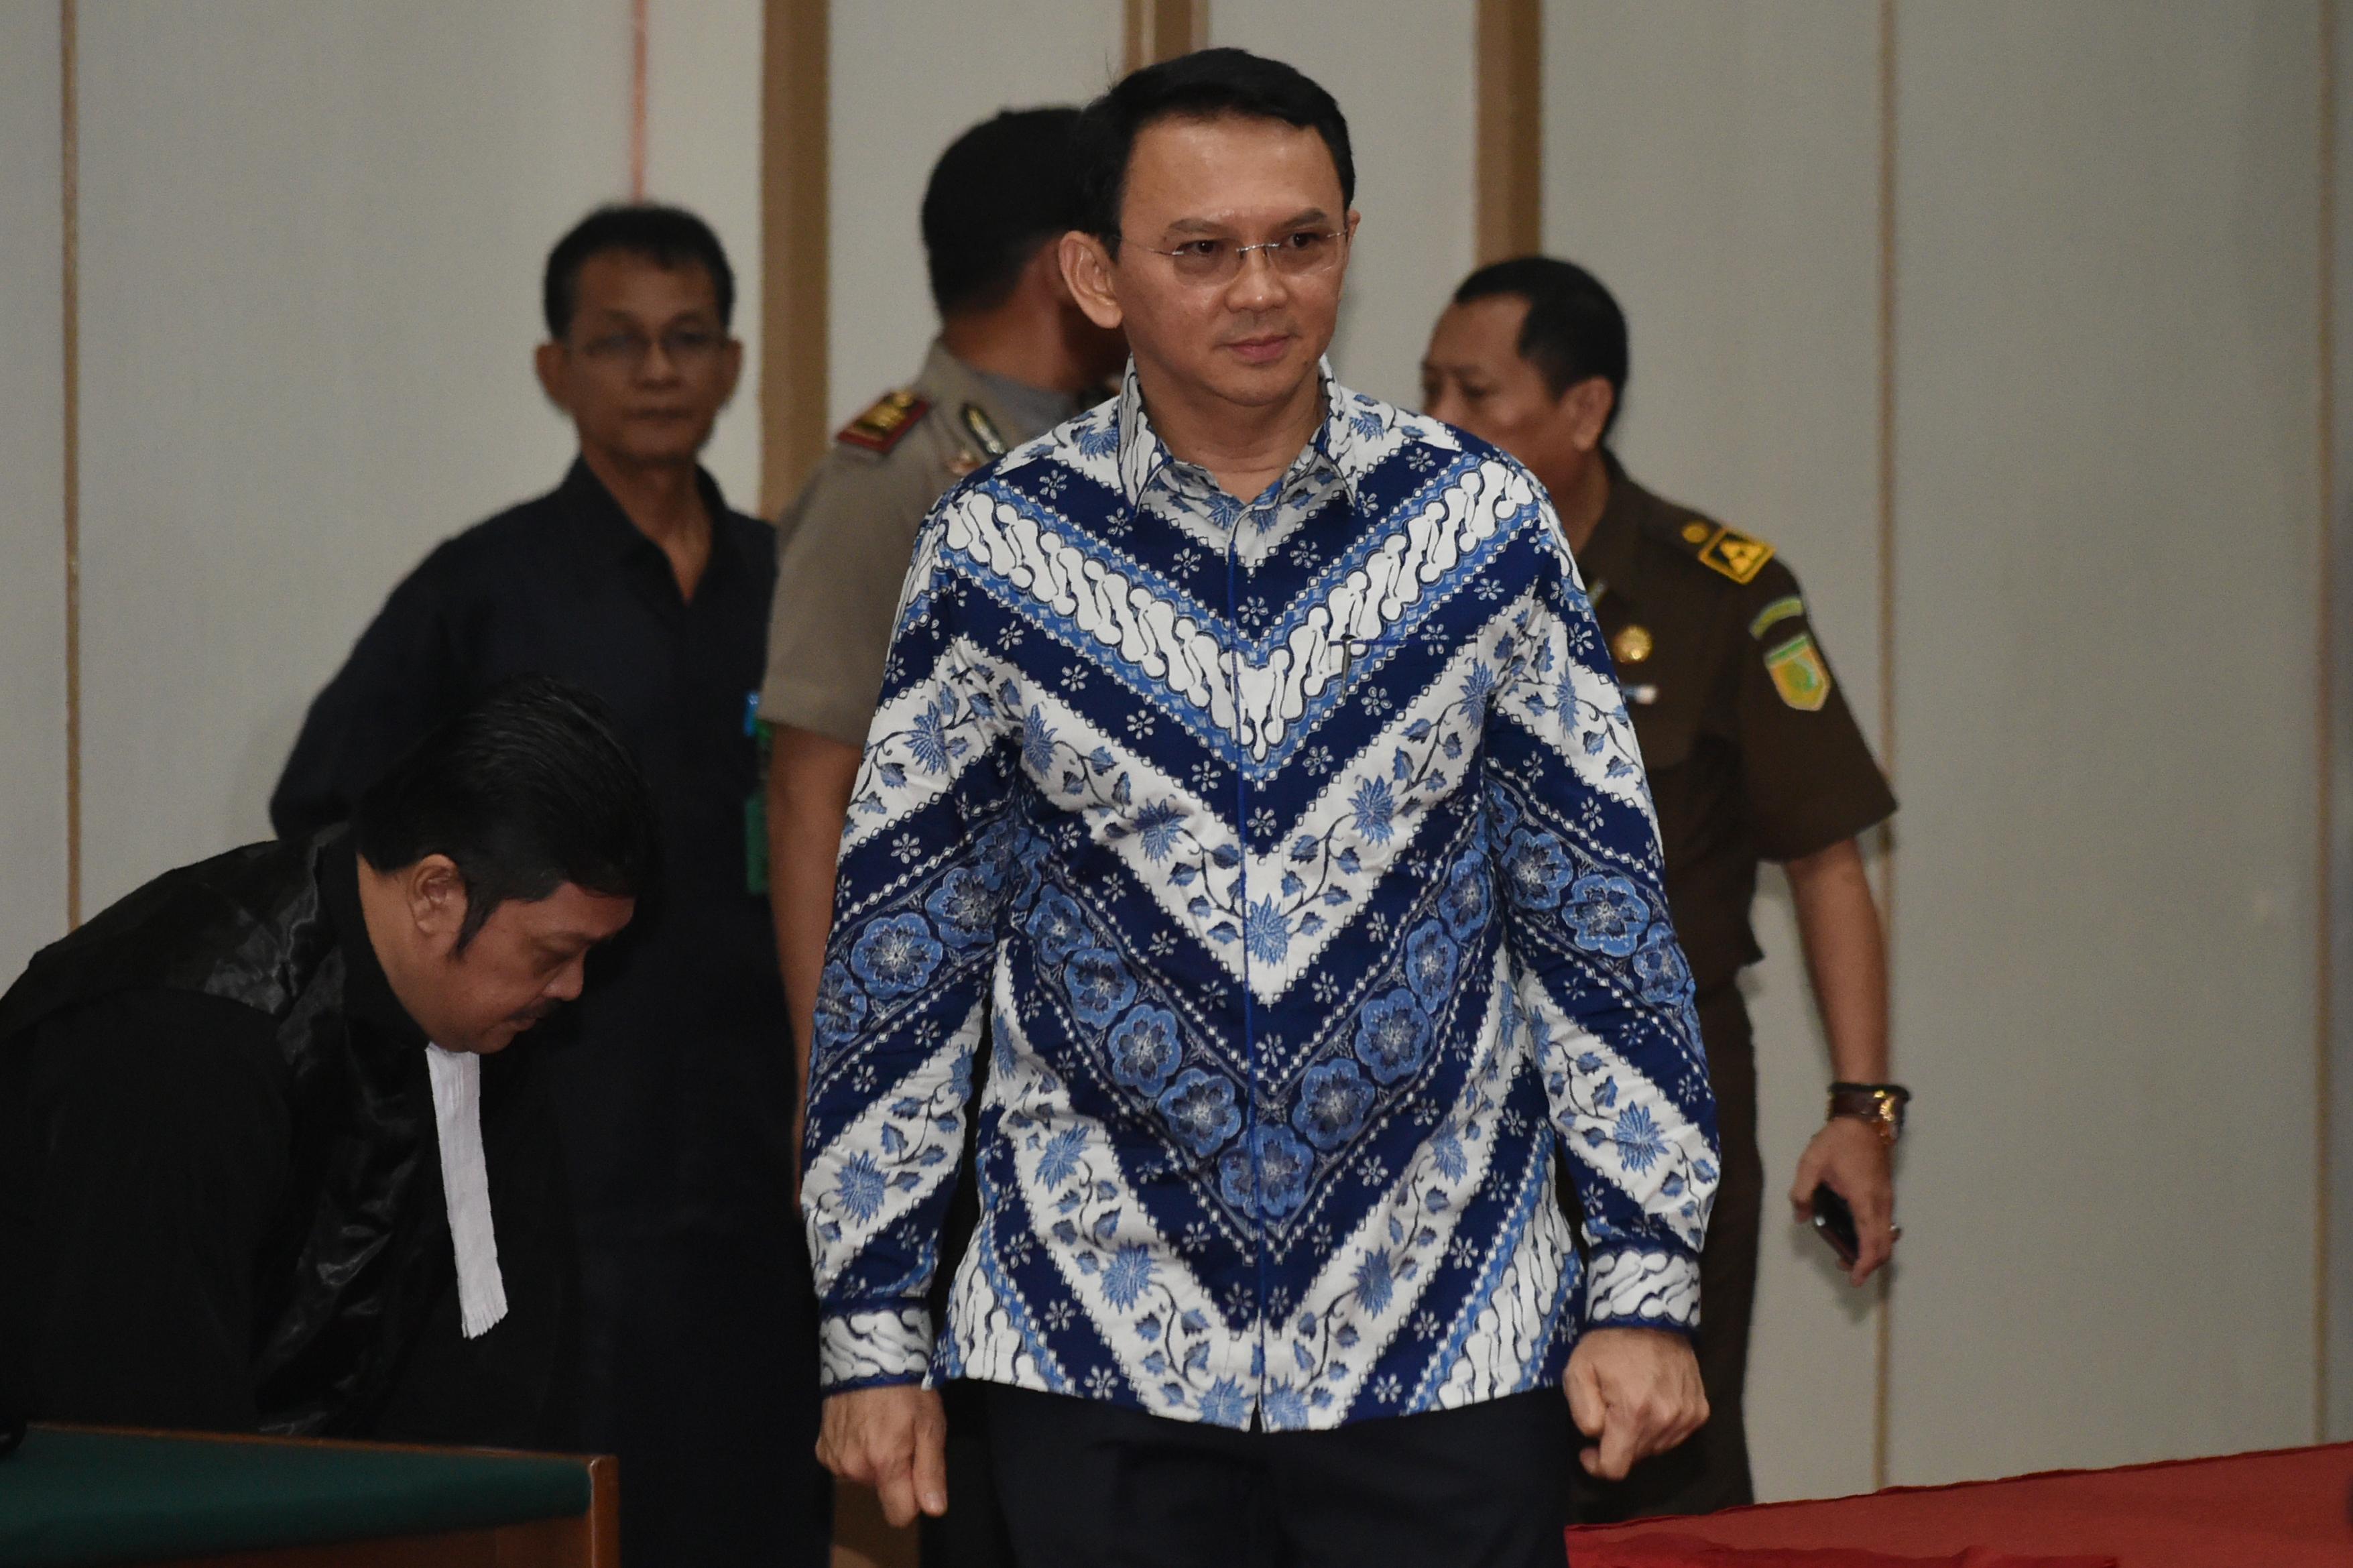 Két évet kapott vallásgyalázásért Jakarta keresztény kormányzója